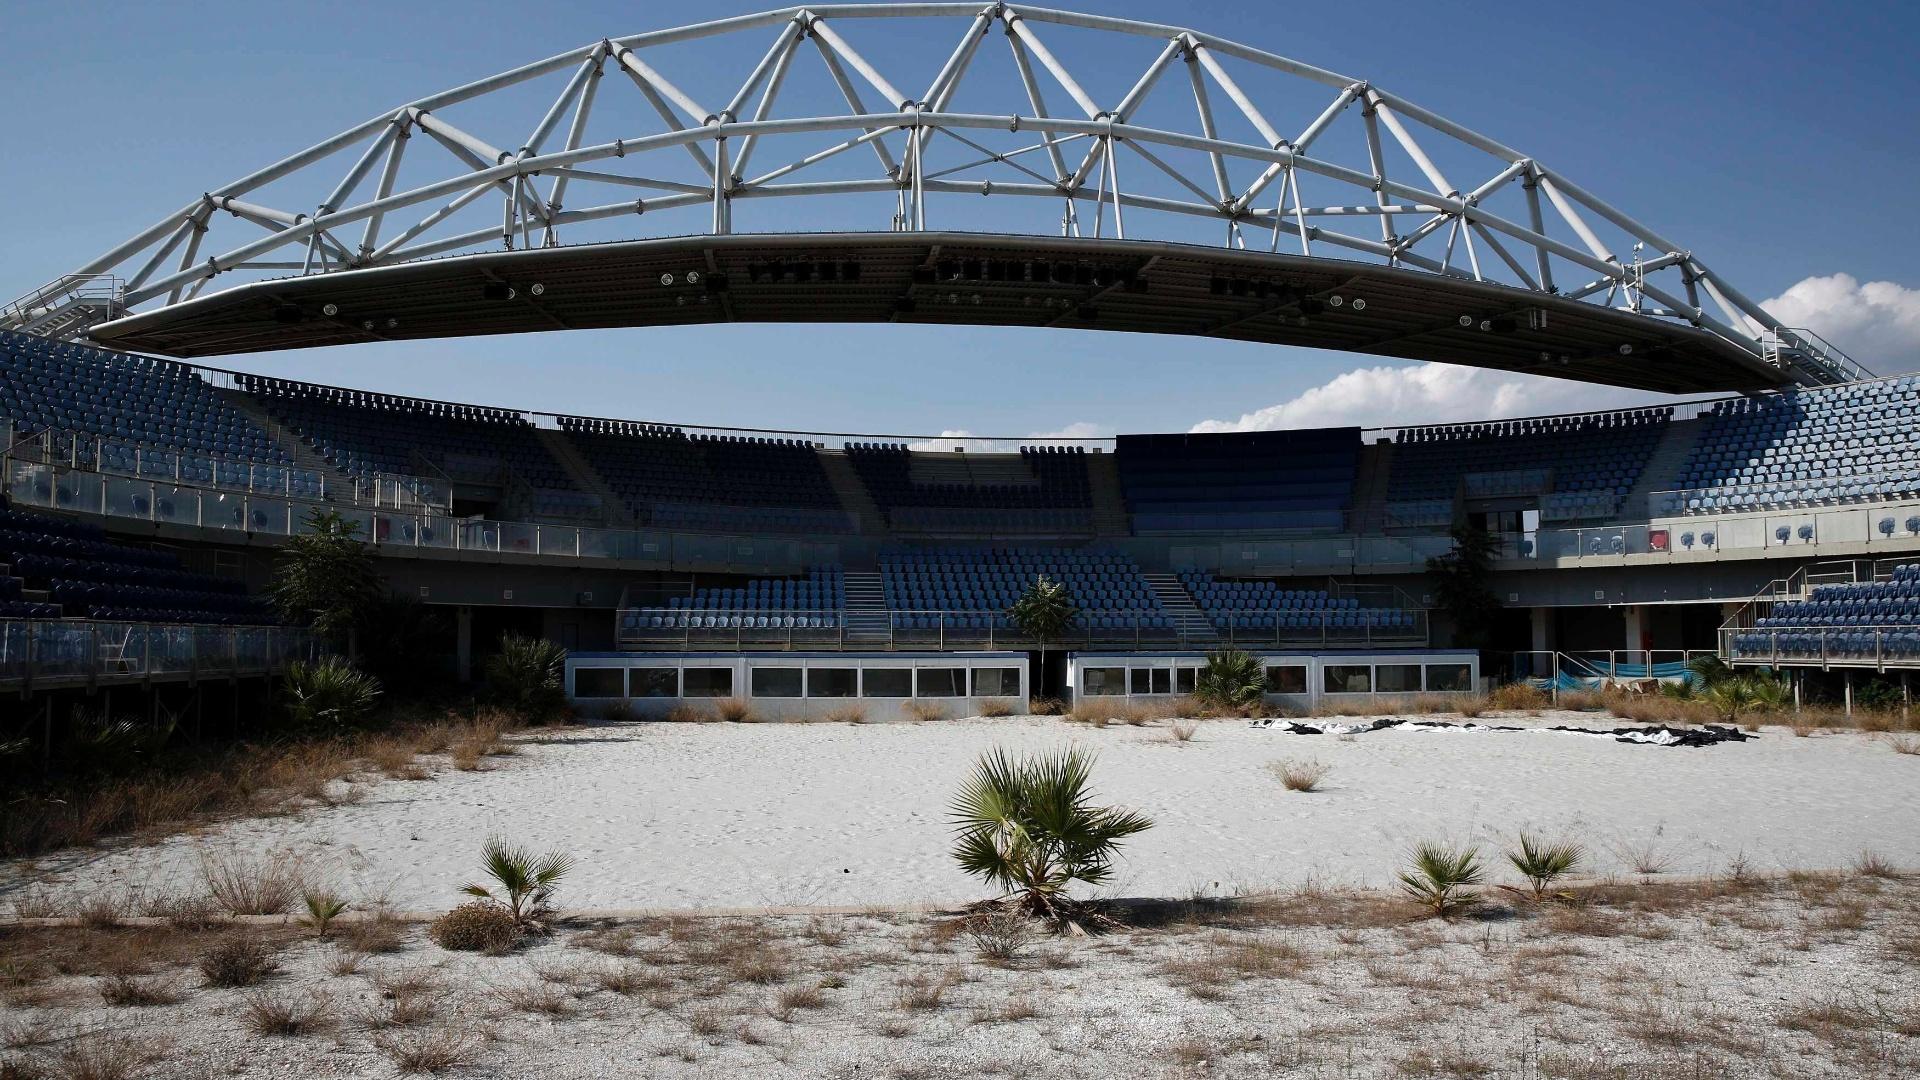 25.jul.2014 - O vôlei de praia foi uma das modalidades que mais fizeram sucesso nos Jogos Olímpicos de Atenas, mas 10 anos depois do evento, a arena que recebeu o esporte e foi palco do ouro dos brasileiros Ricardo e Emanuel está totalmente abandonada, com cadeiras quebradas e mato subindo